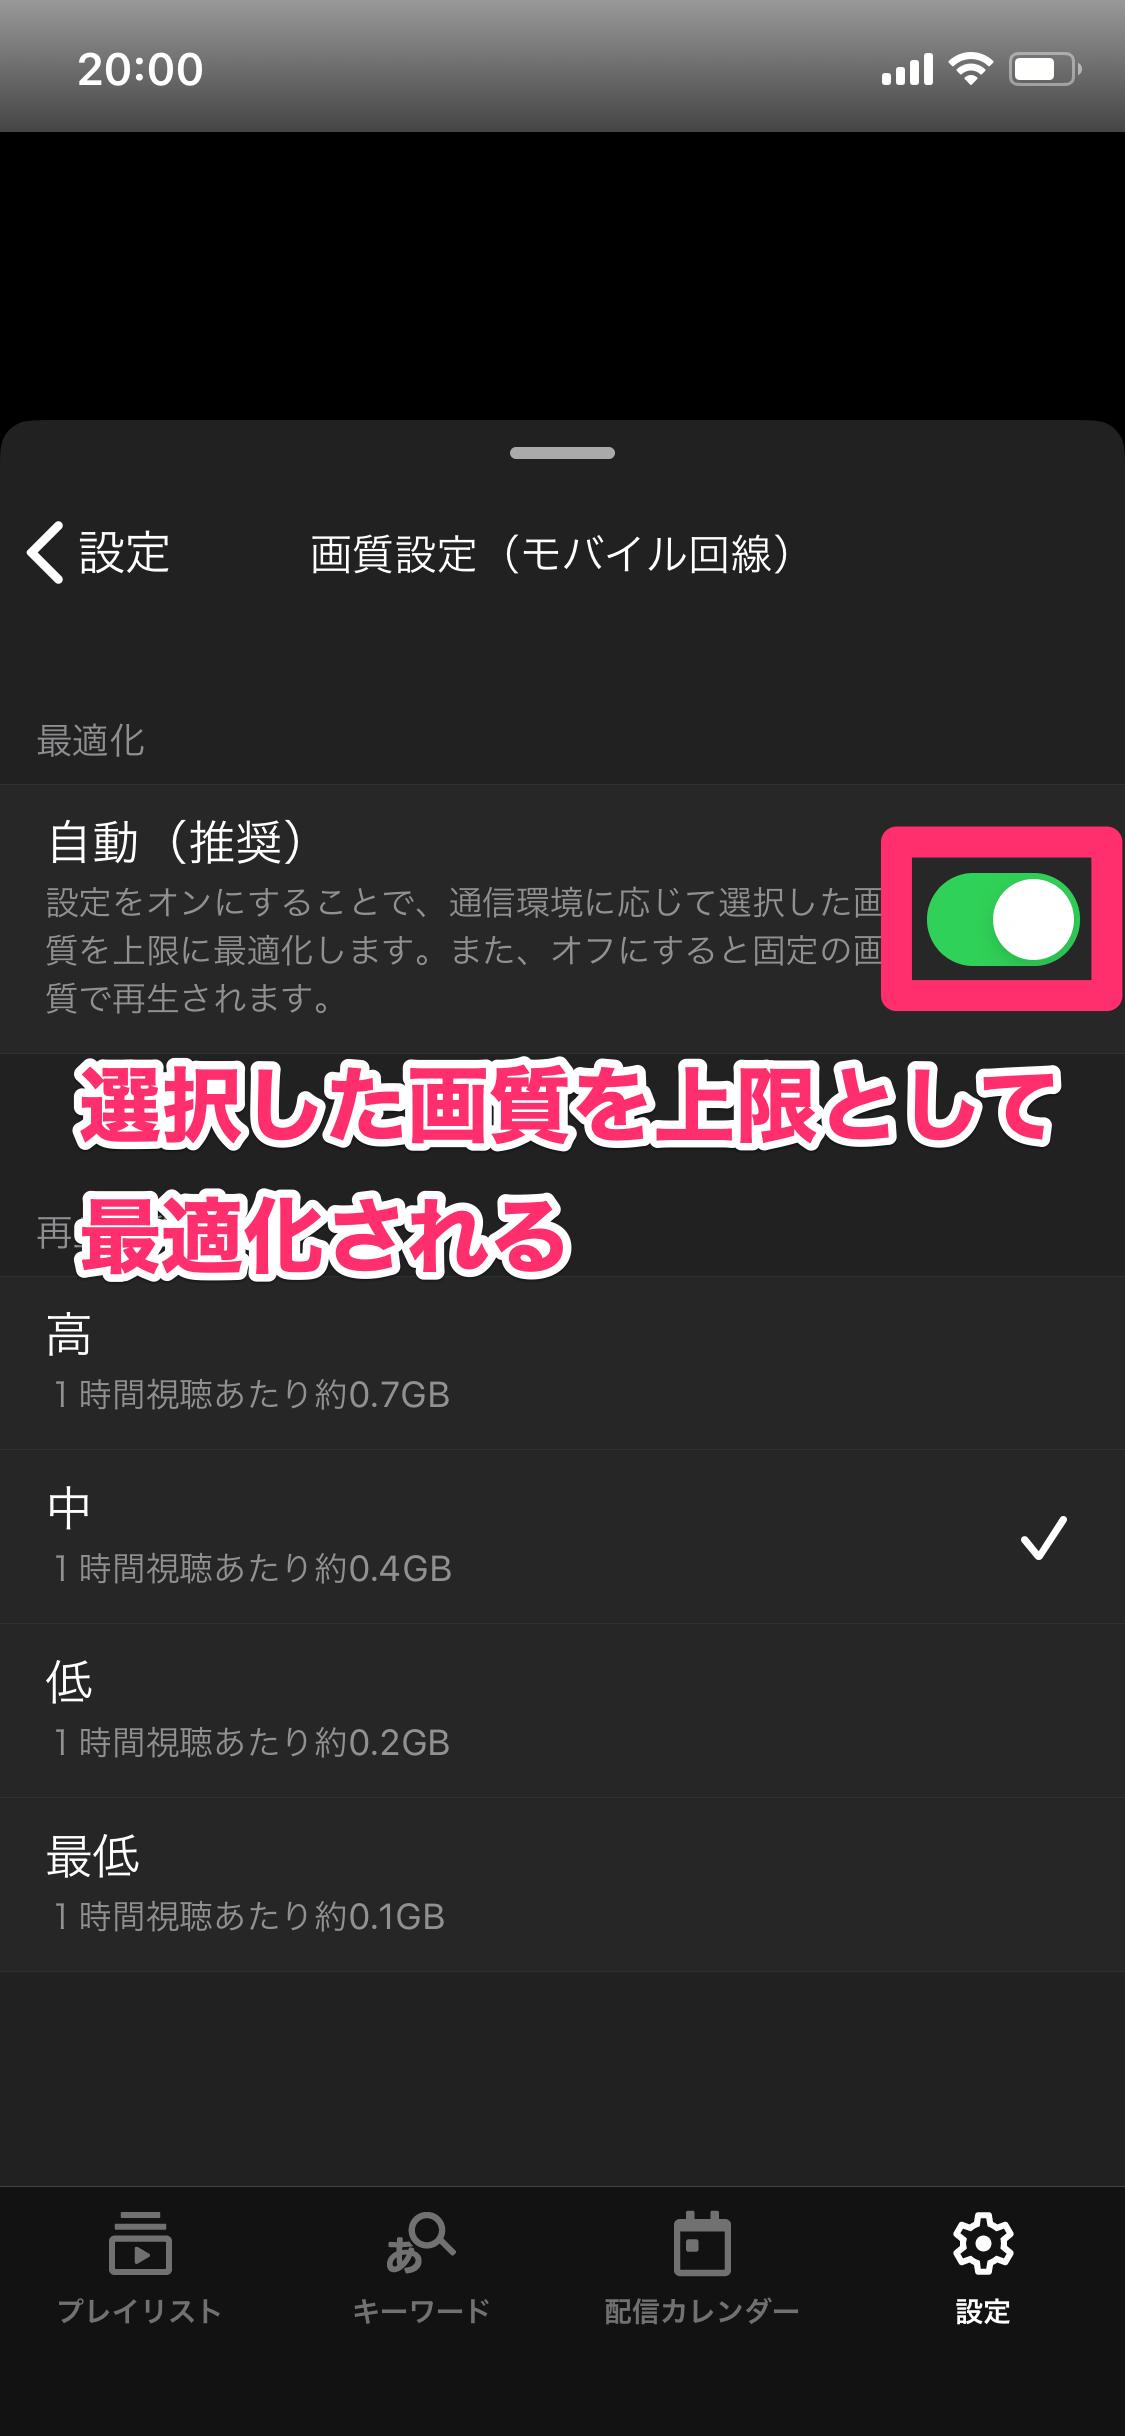 スマホ版「NHKプラス」の使い方。1週間分の見逃し番組をいつでも視聴できる